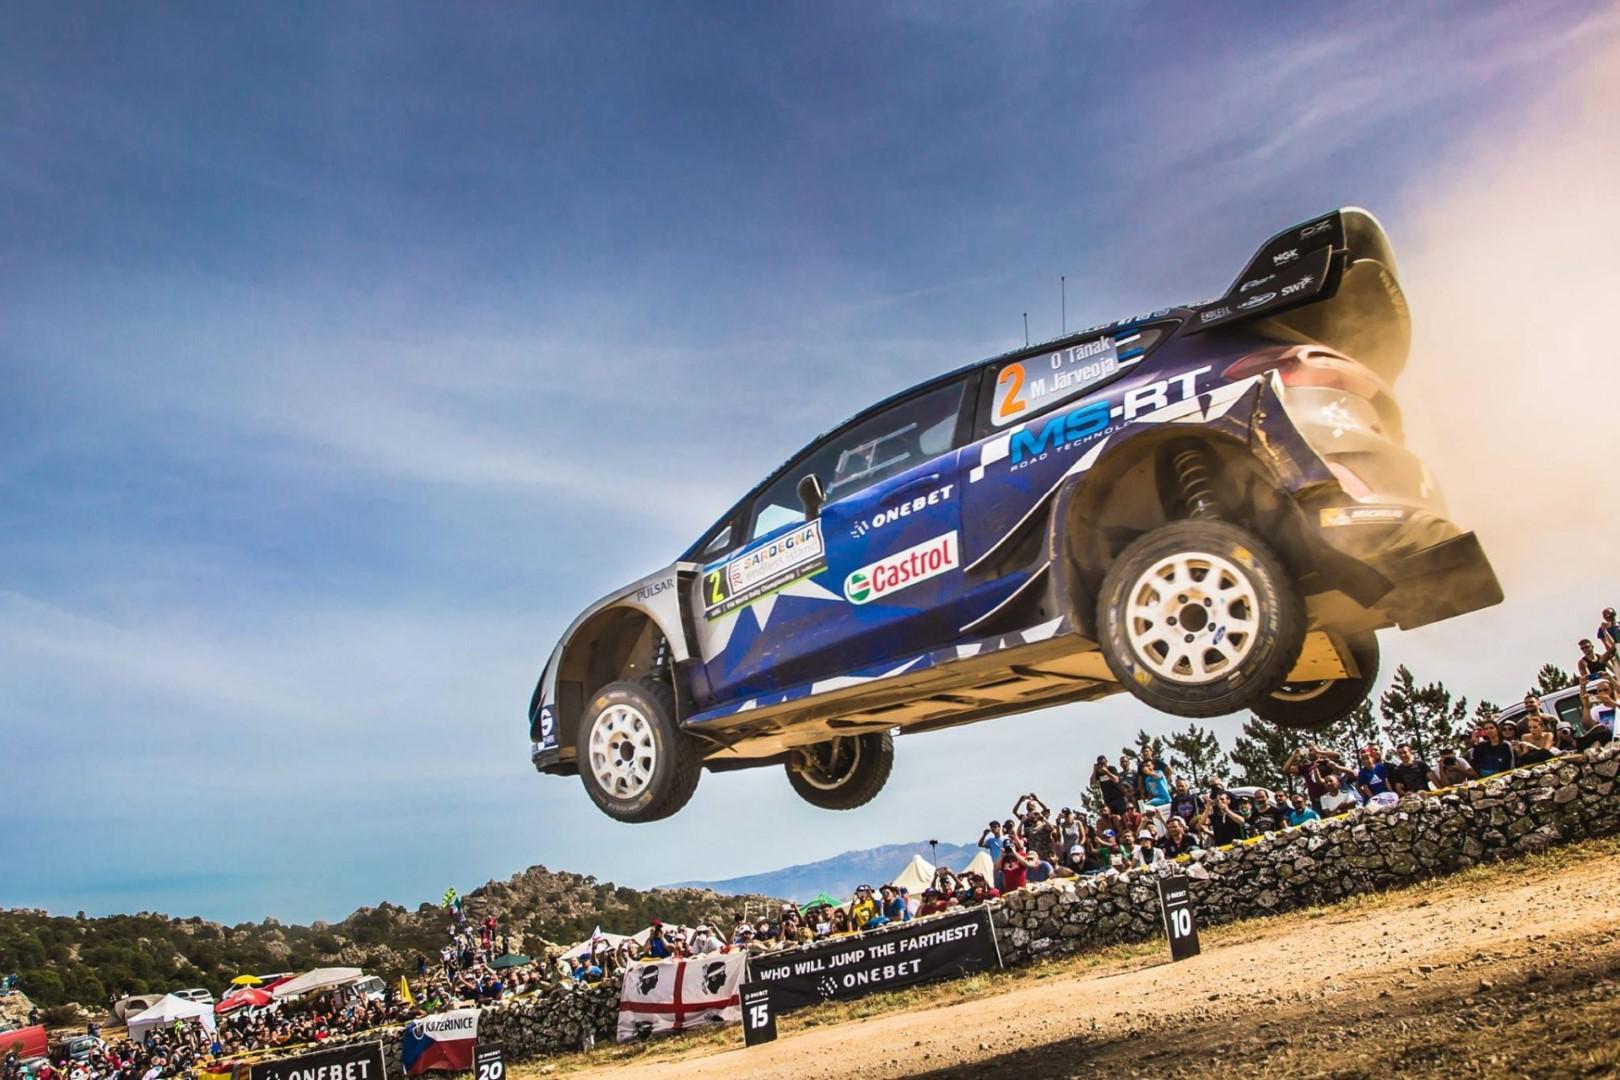 Rallye de Sardaigne 2017 : victoire d'Ott Tanak (Ford) première de sa carrière